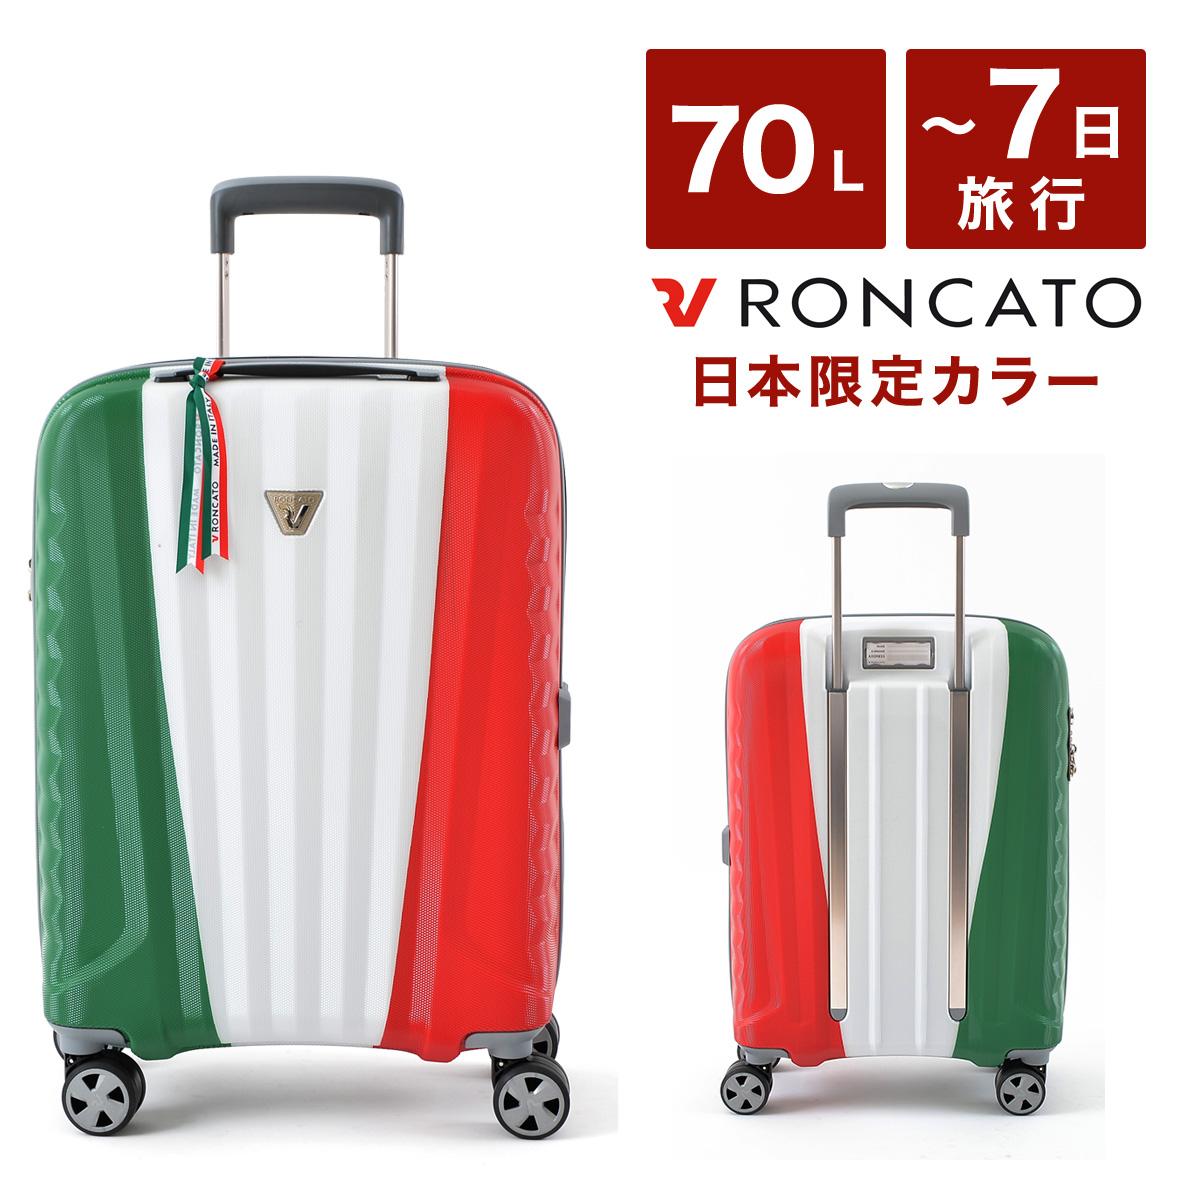 ロンカート スーツケース 70L 67cm 3.3kg ハード ファスナー 日本限定 イタリア製 プレミアムZSL トリコローレ 5465 RONCATO PREMIUM ZSL Tricolore キャリーケース 軽量 TSAロック搭載 10年保証[PO10][bef]